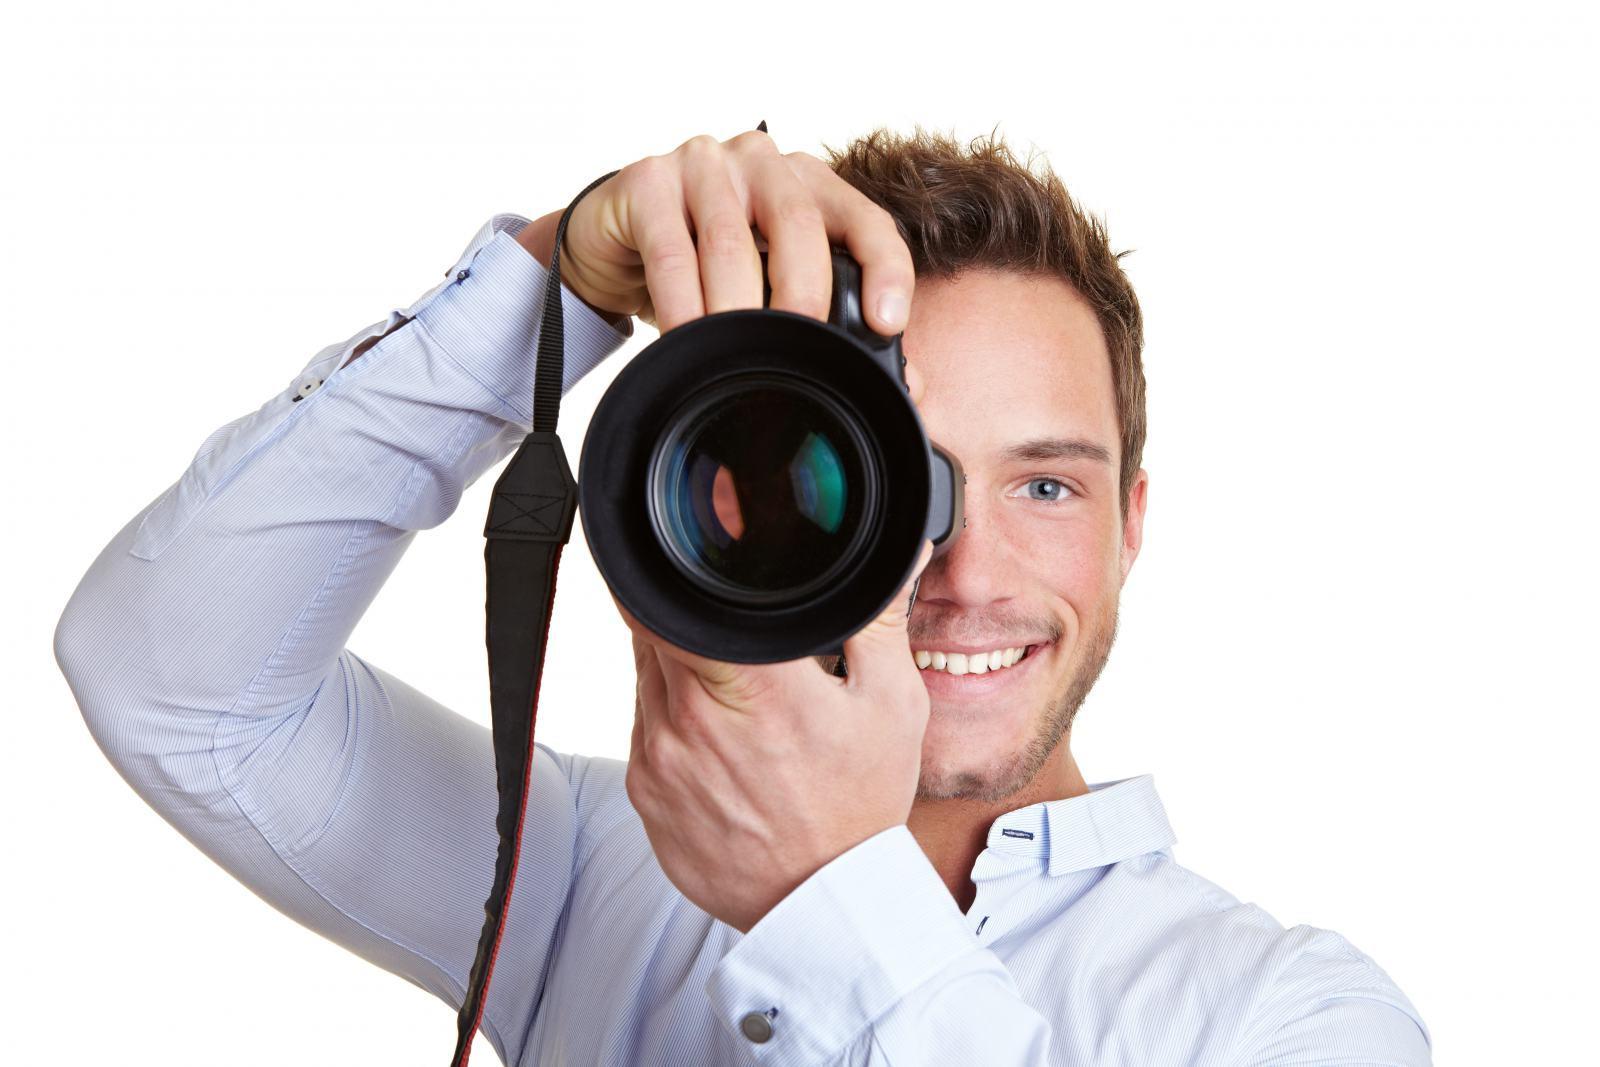 станет одним как правильно прорекламировать себя фотографа сделать